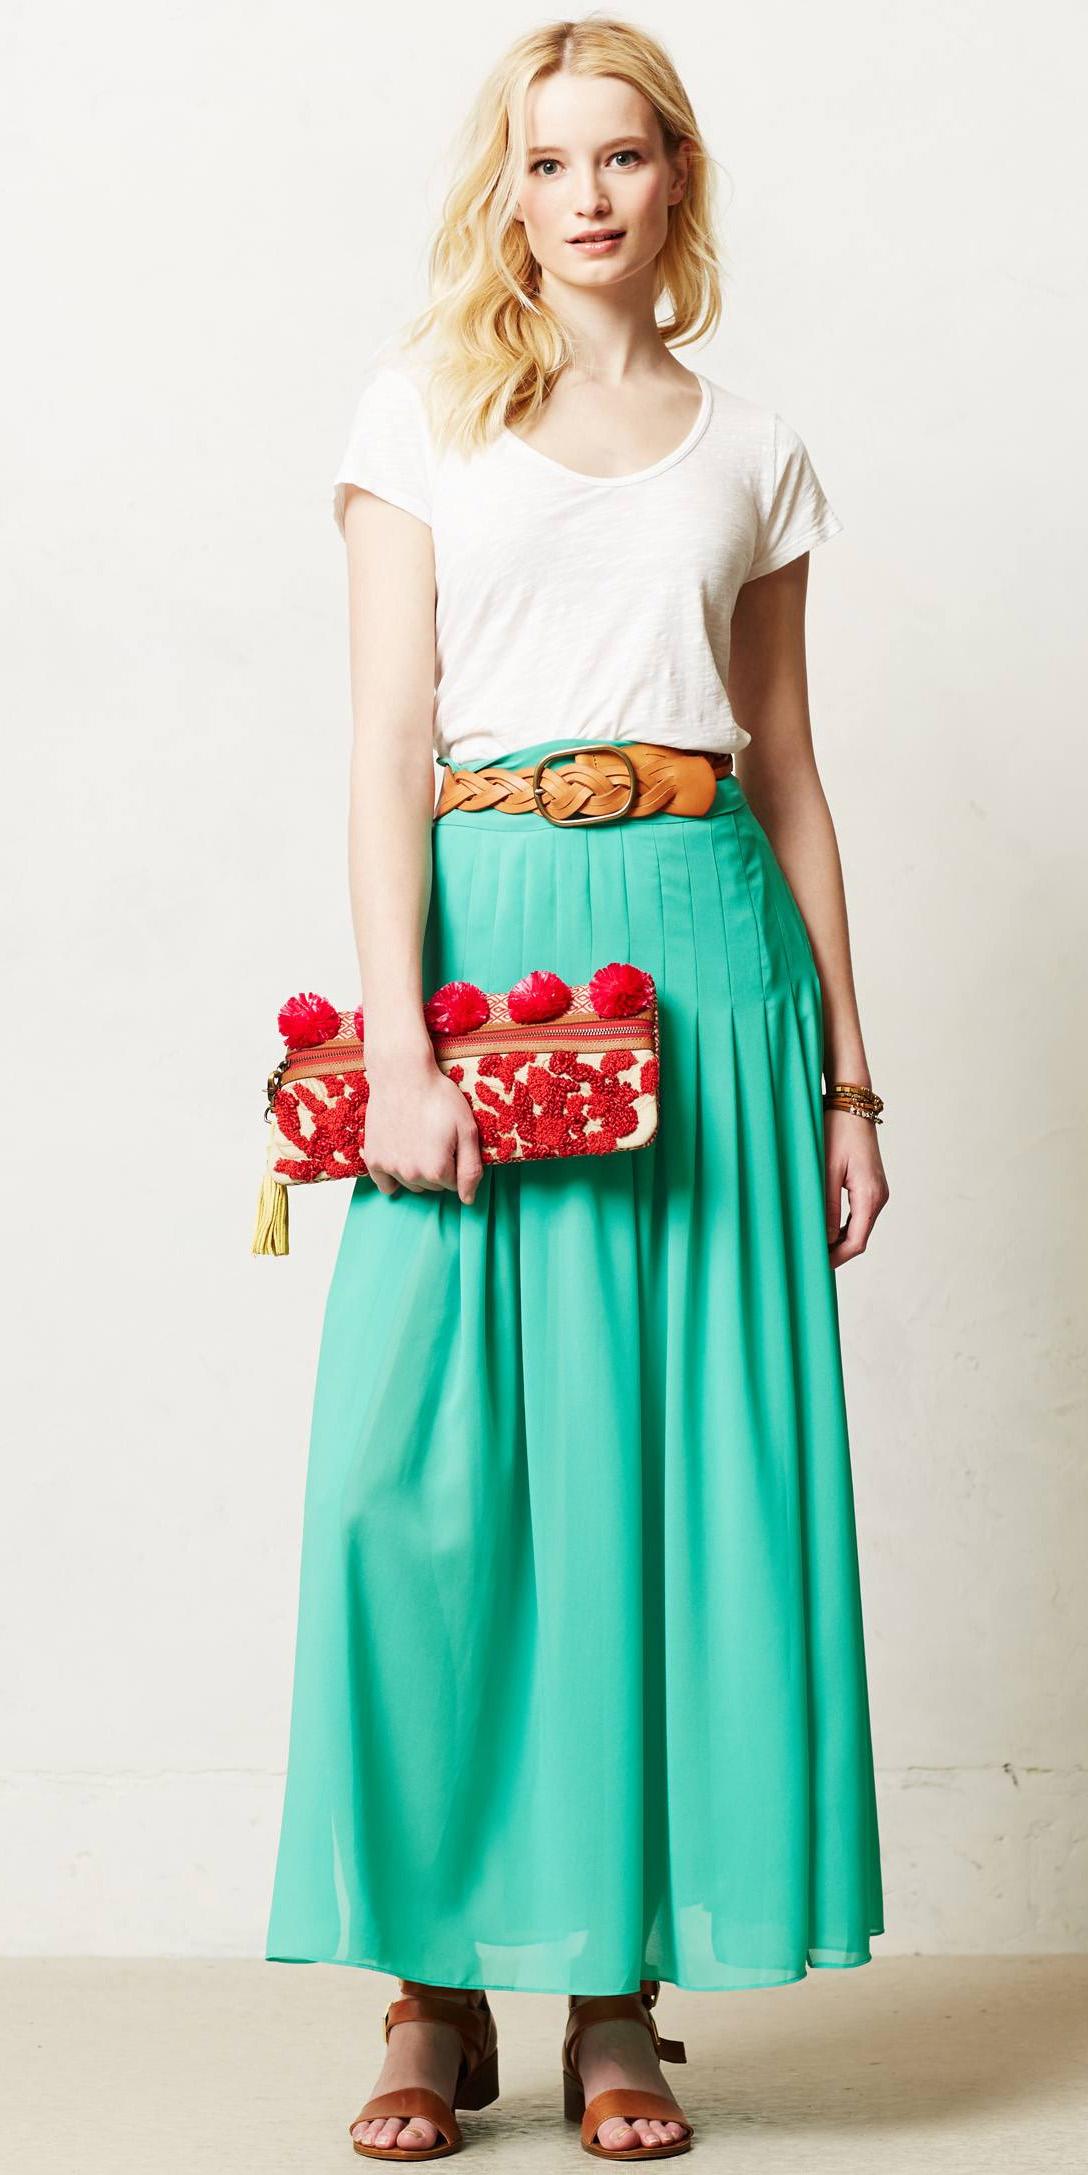 white-tee-blonde-red-bag-clutch-cognac-shoe-sandals-belt-green-emerald-maxi-skirt-spring-summer-lunch.jpeg